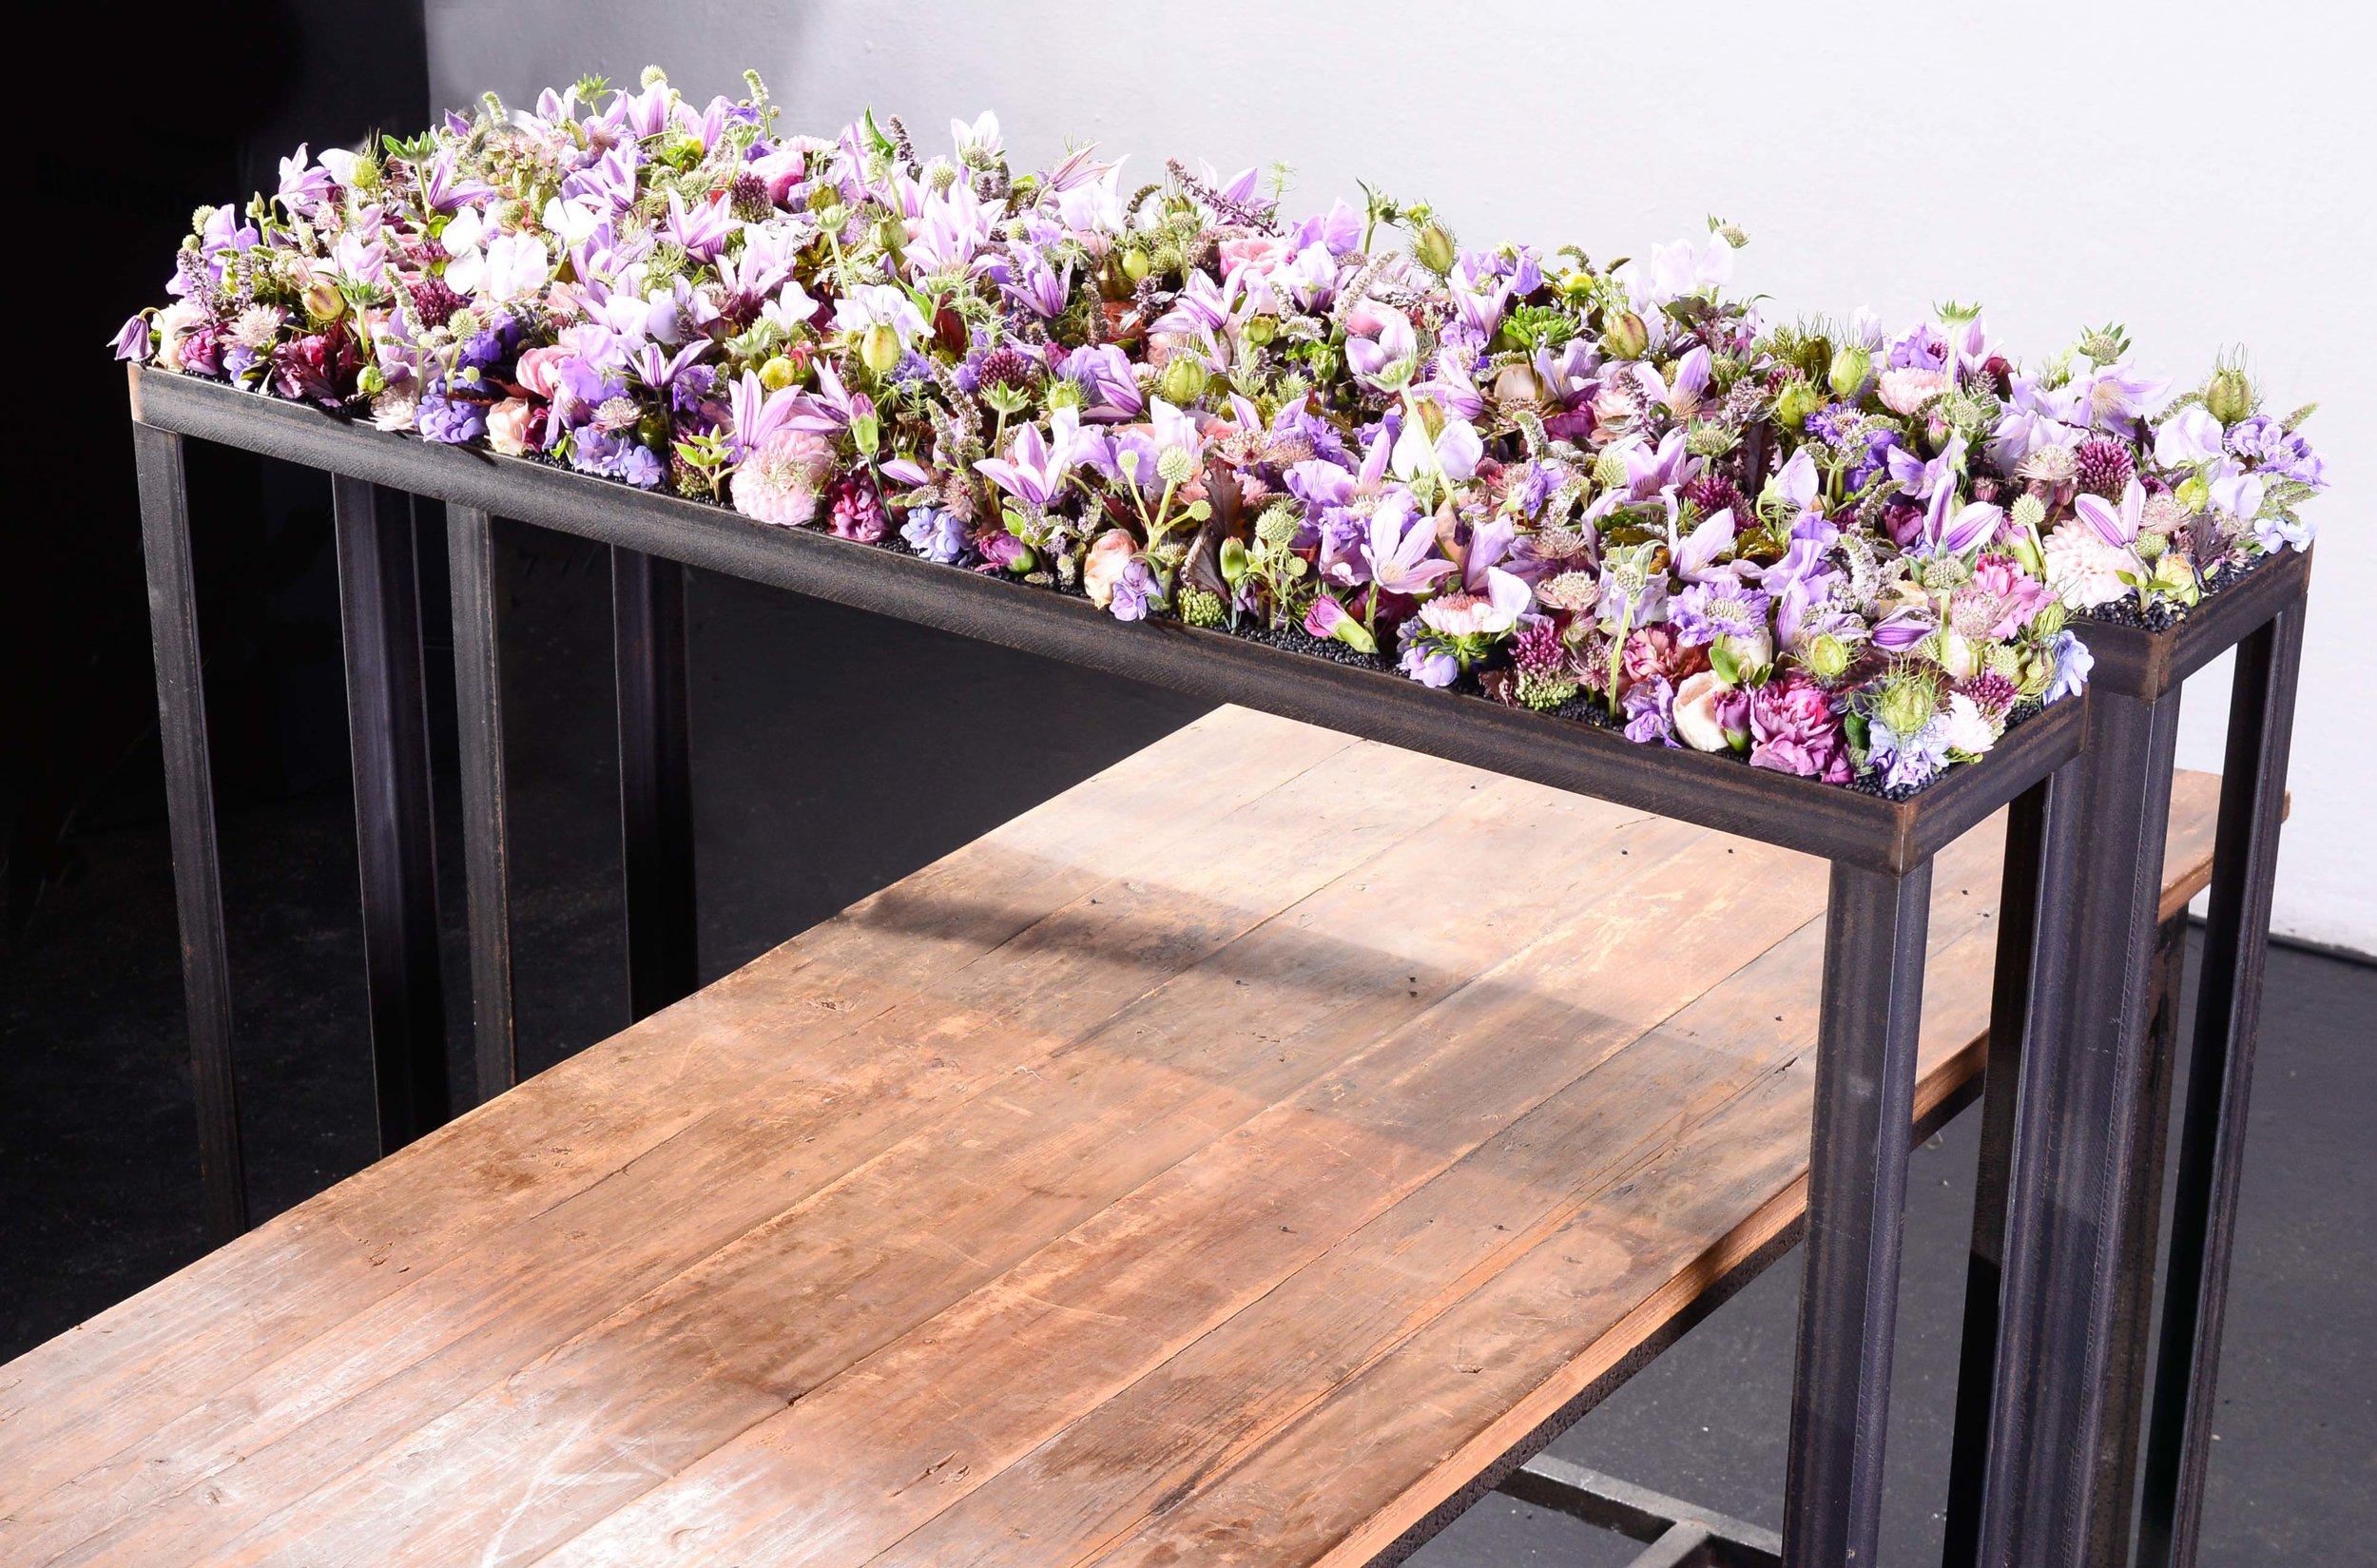 Winkelversetzt schuf Fabienne Bänziger aus Basel ein Tischensemble, auf welchem die Blüten eine eigene Ebene erhielten.